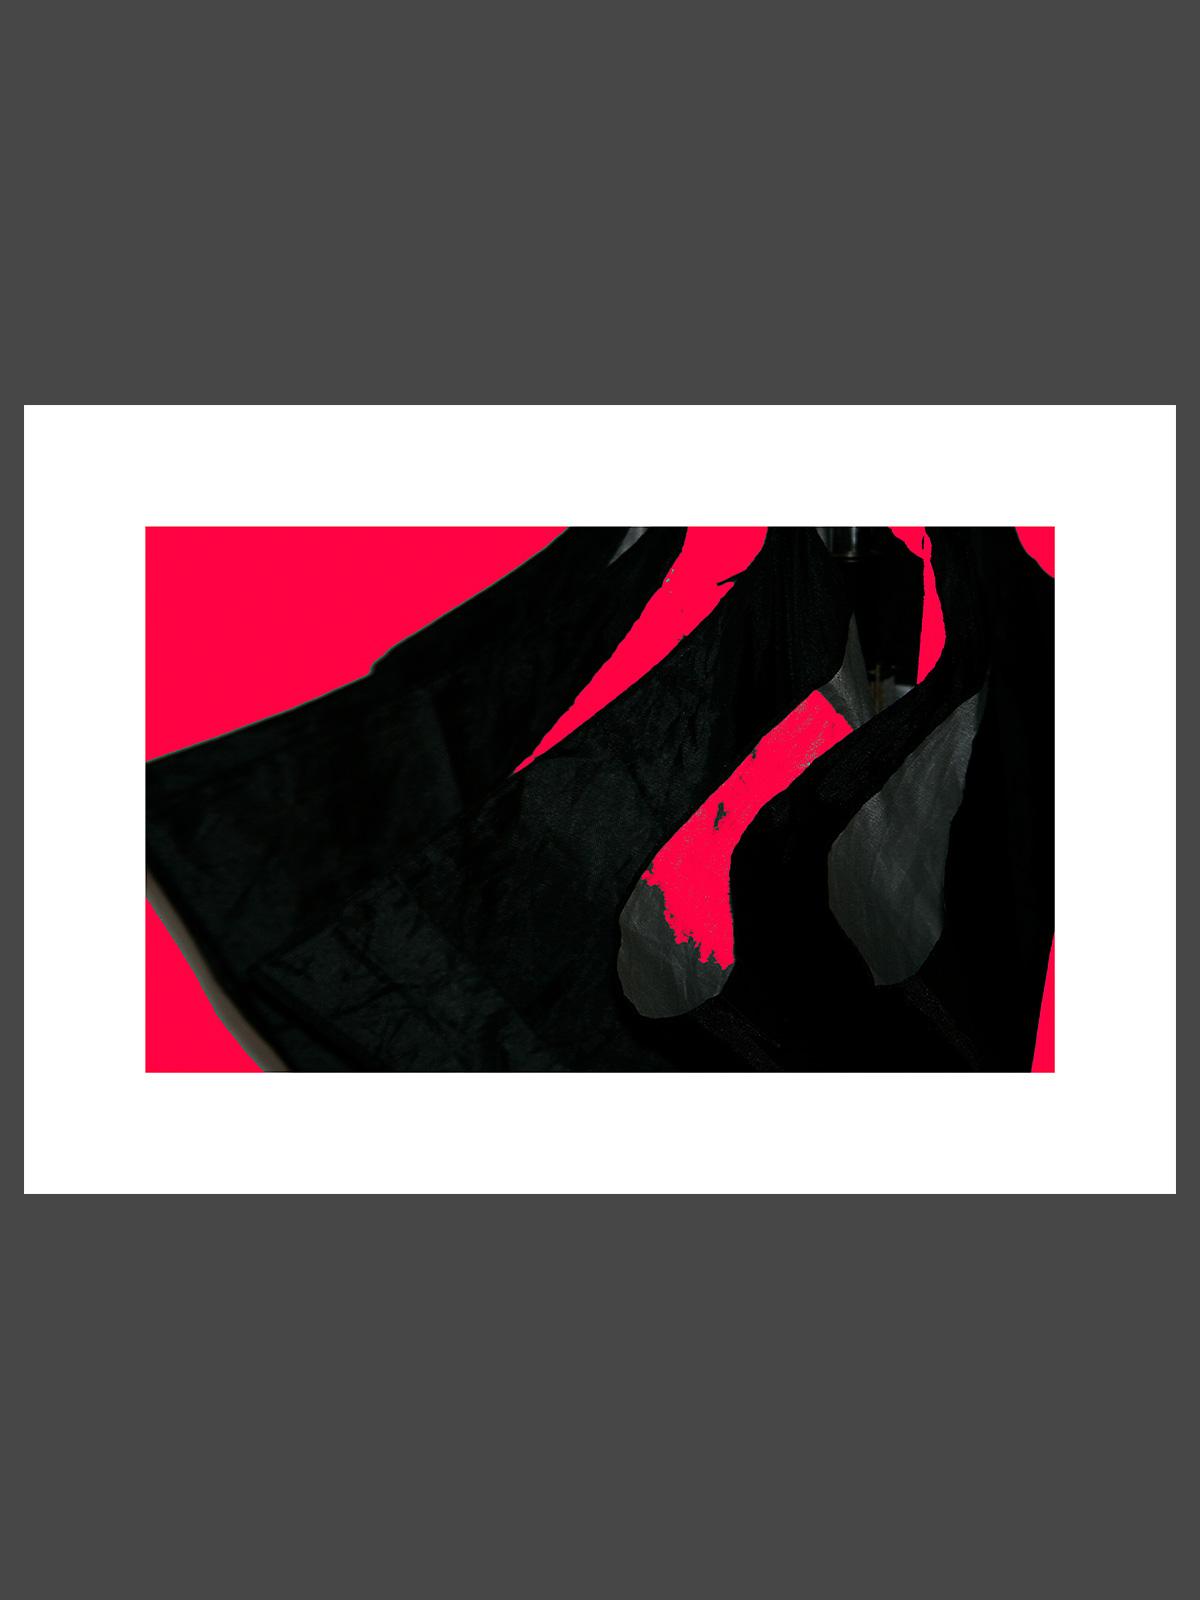 ABS-PT_0784